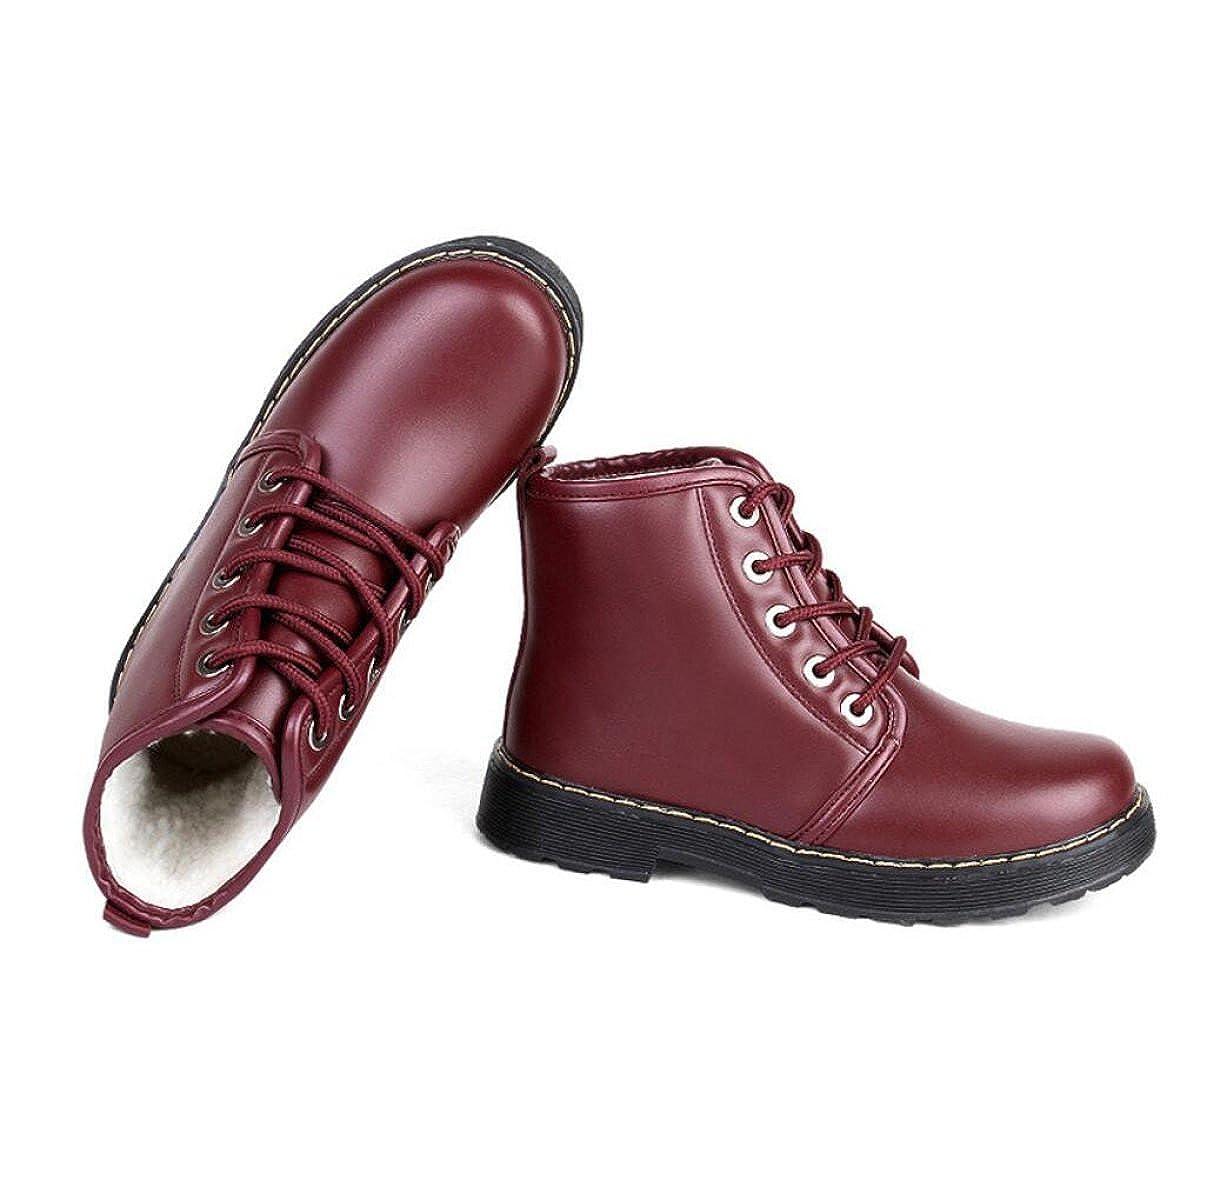 Herbst Und Winter Wind Mode Warm Martin Stiefel Spitzen Stiefel Schuhe